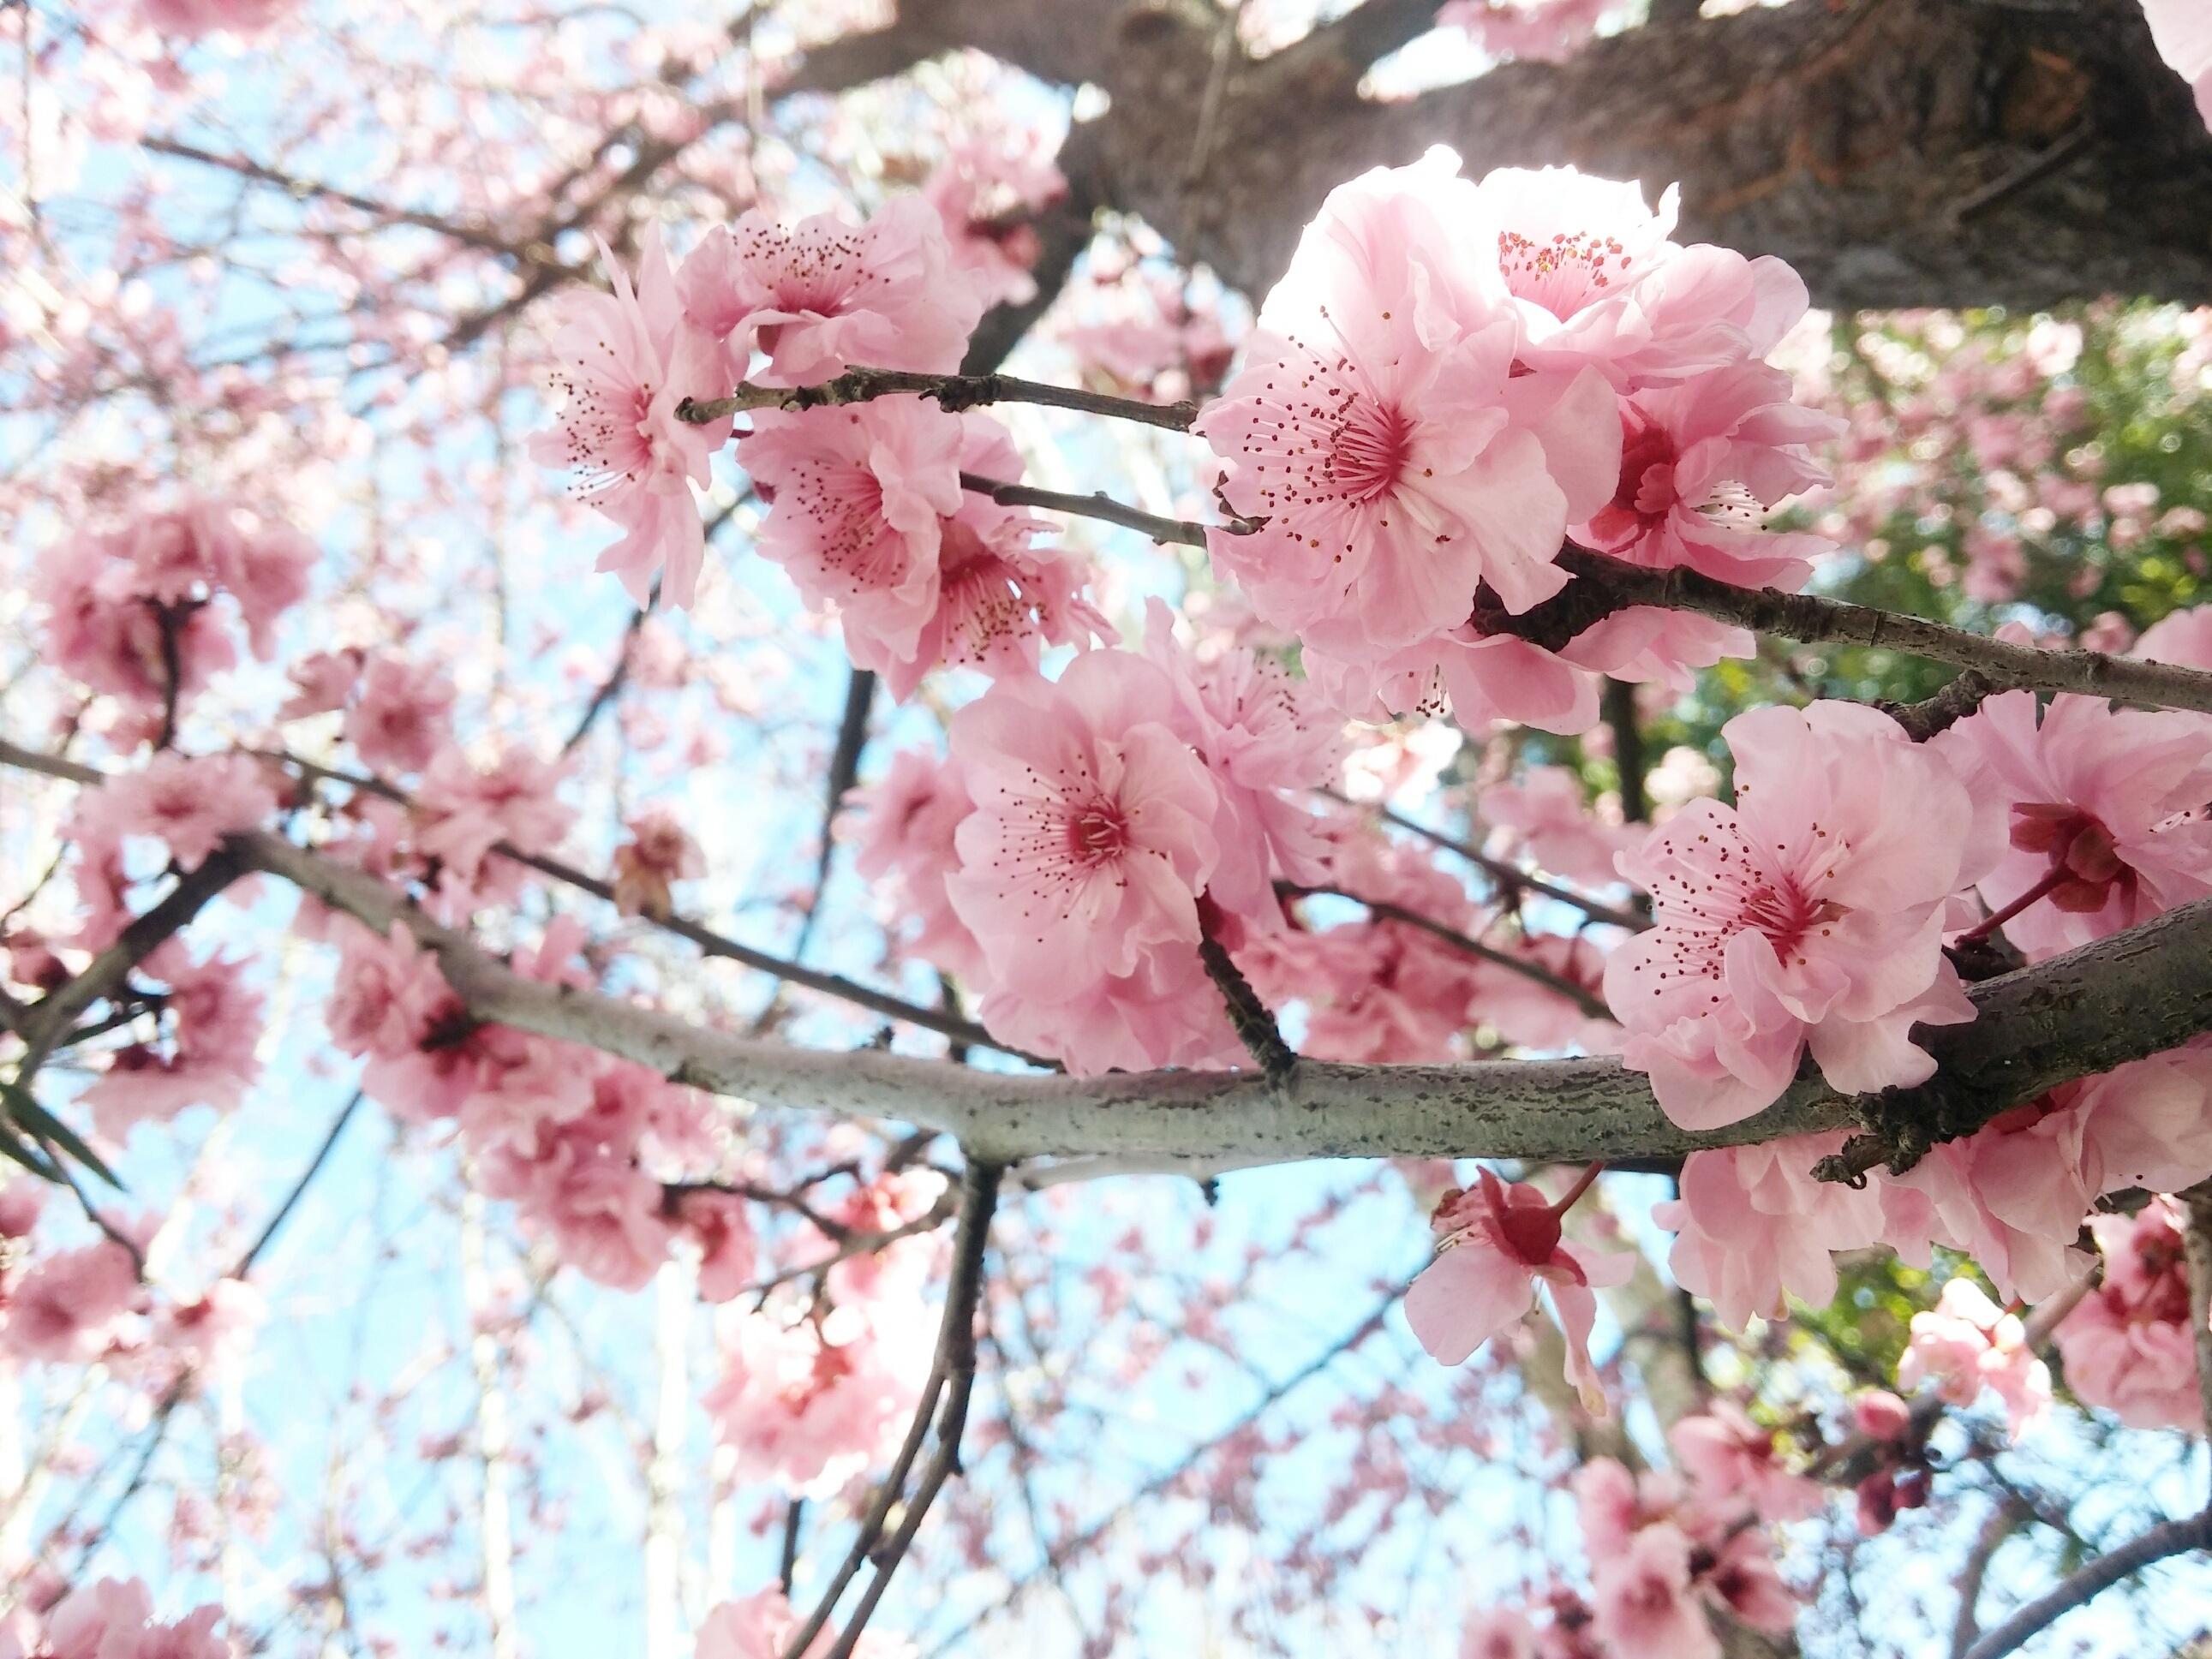 images gratuites branche p tale printemps produire panouissement rose fleur de cerisier. Black Bedroom Furniture Sets. Home Design Ideas